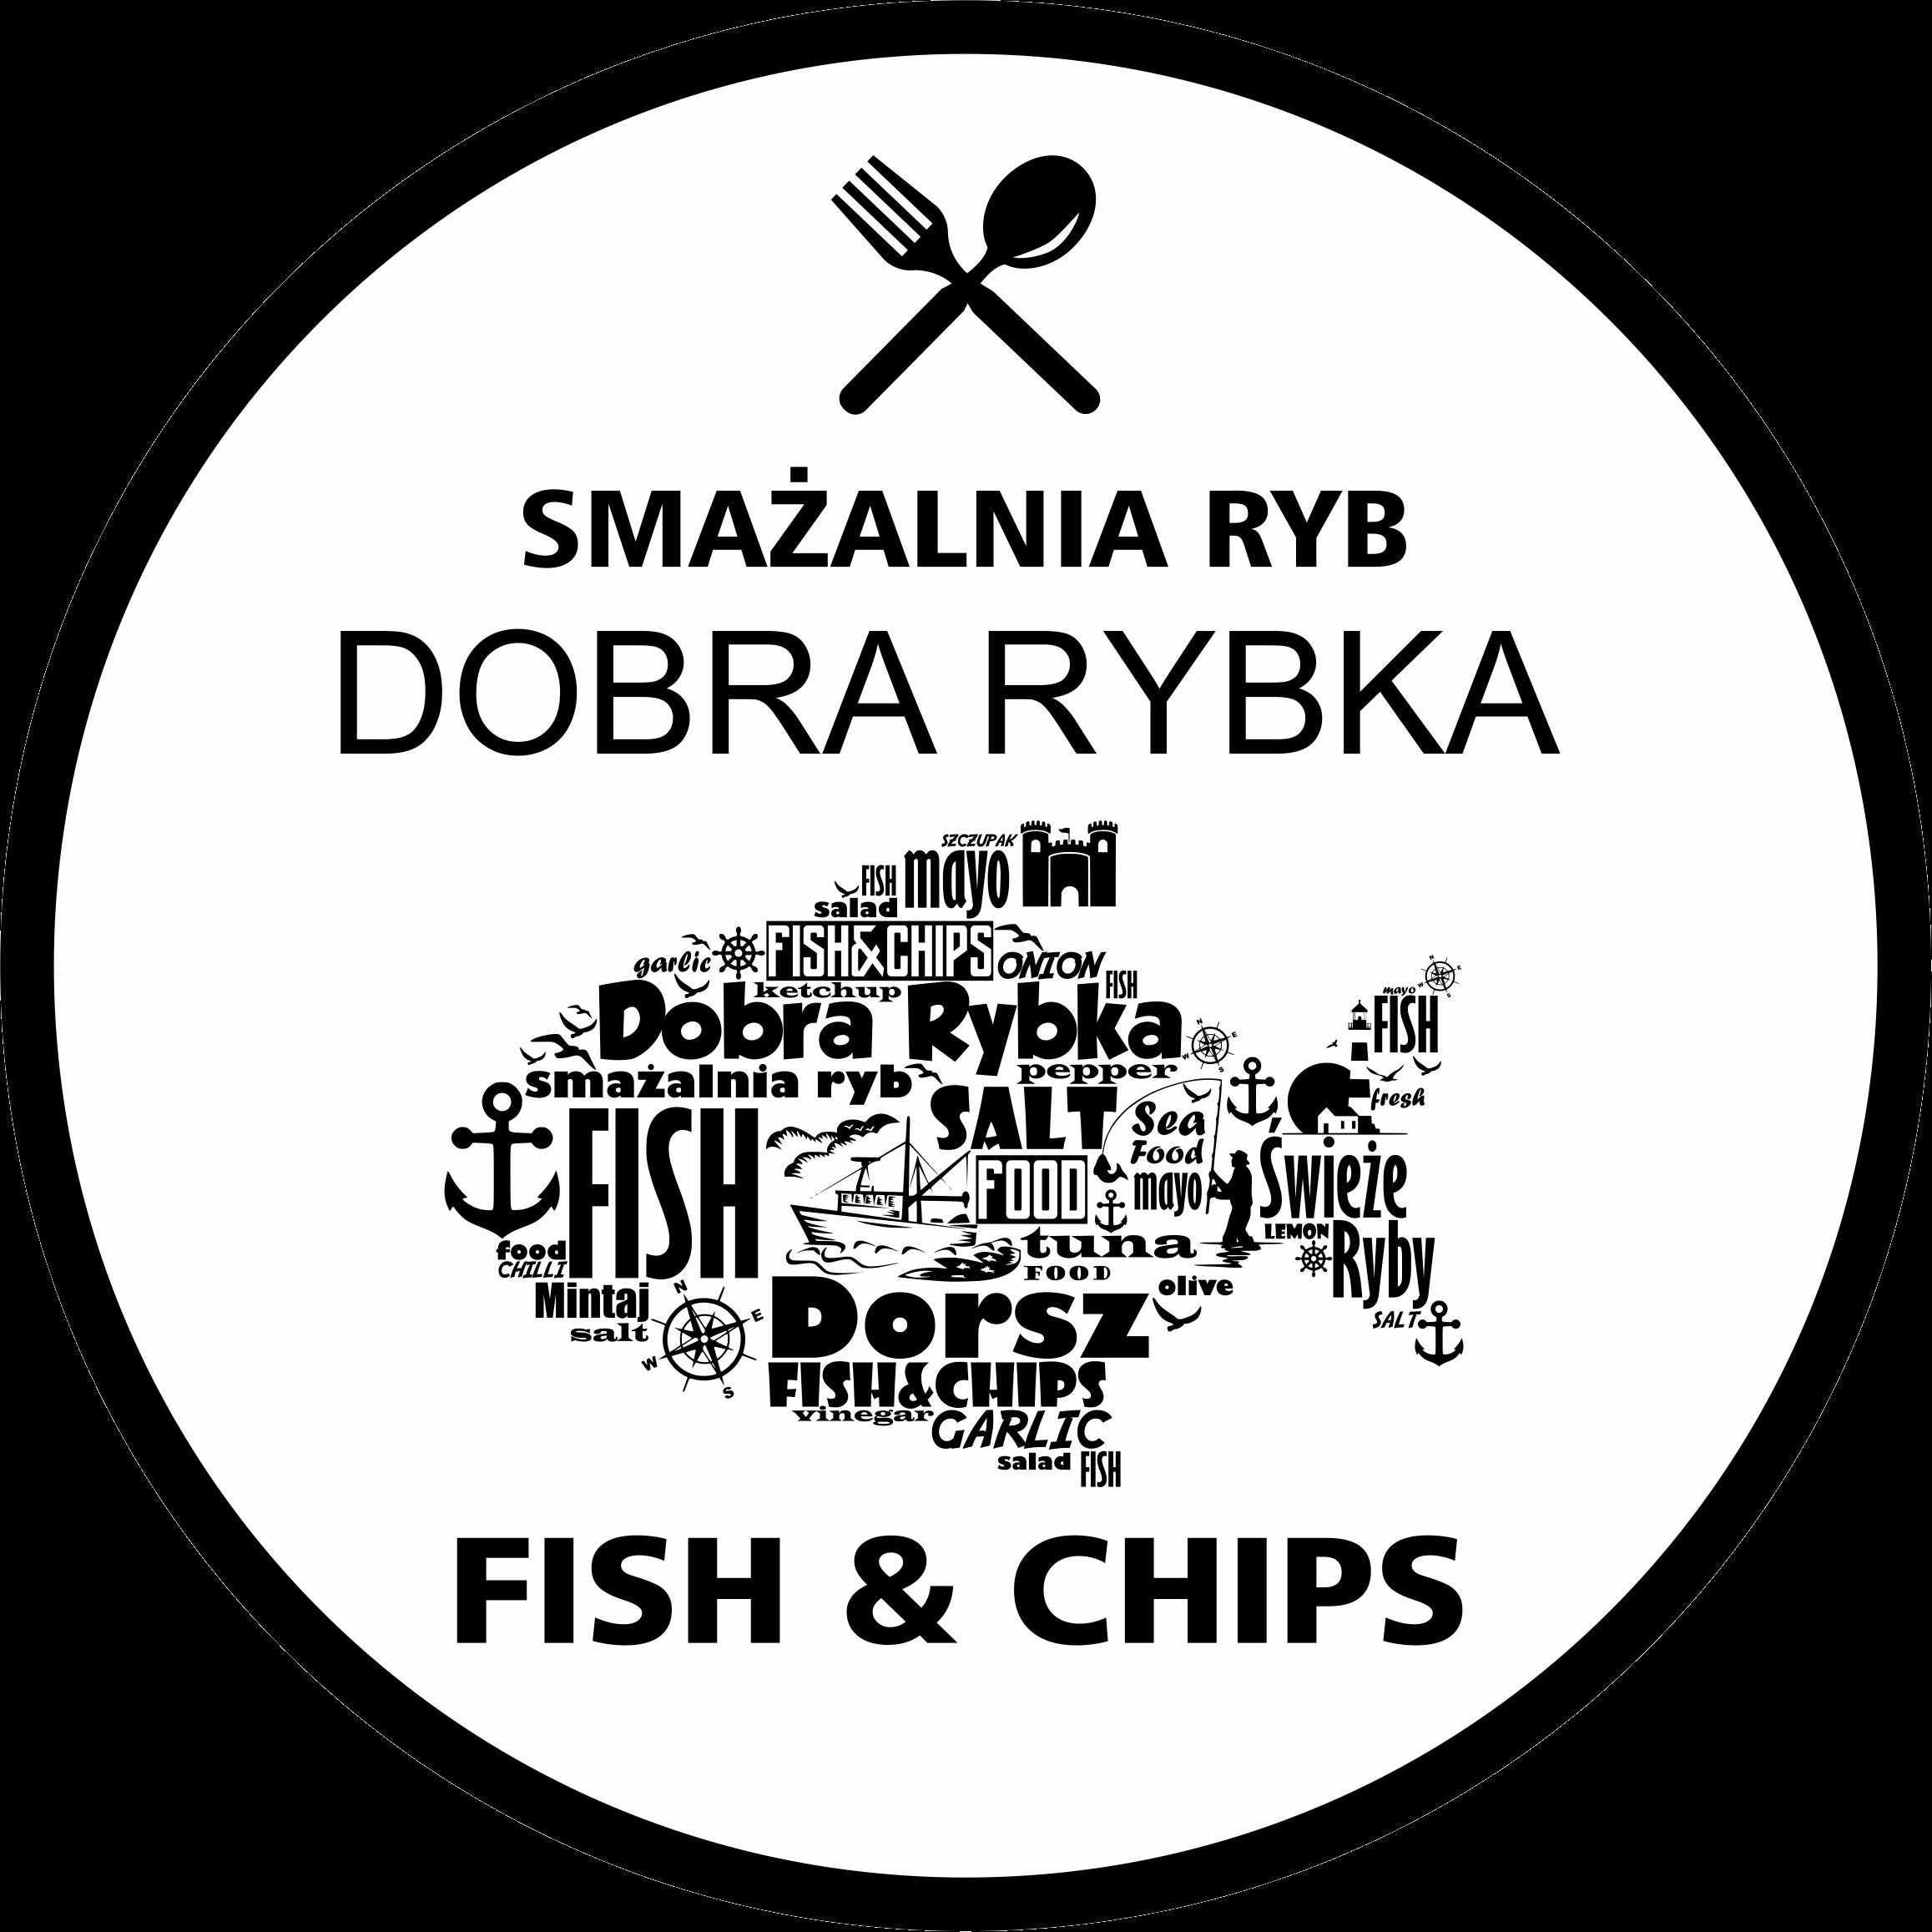 Smażalnia Ryb Restauracja Kazimierz Dolny